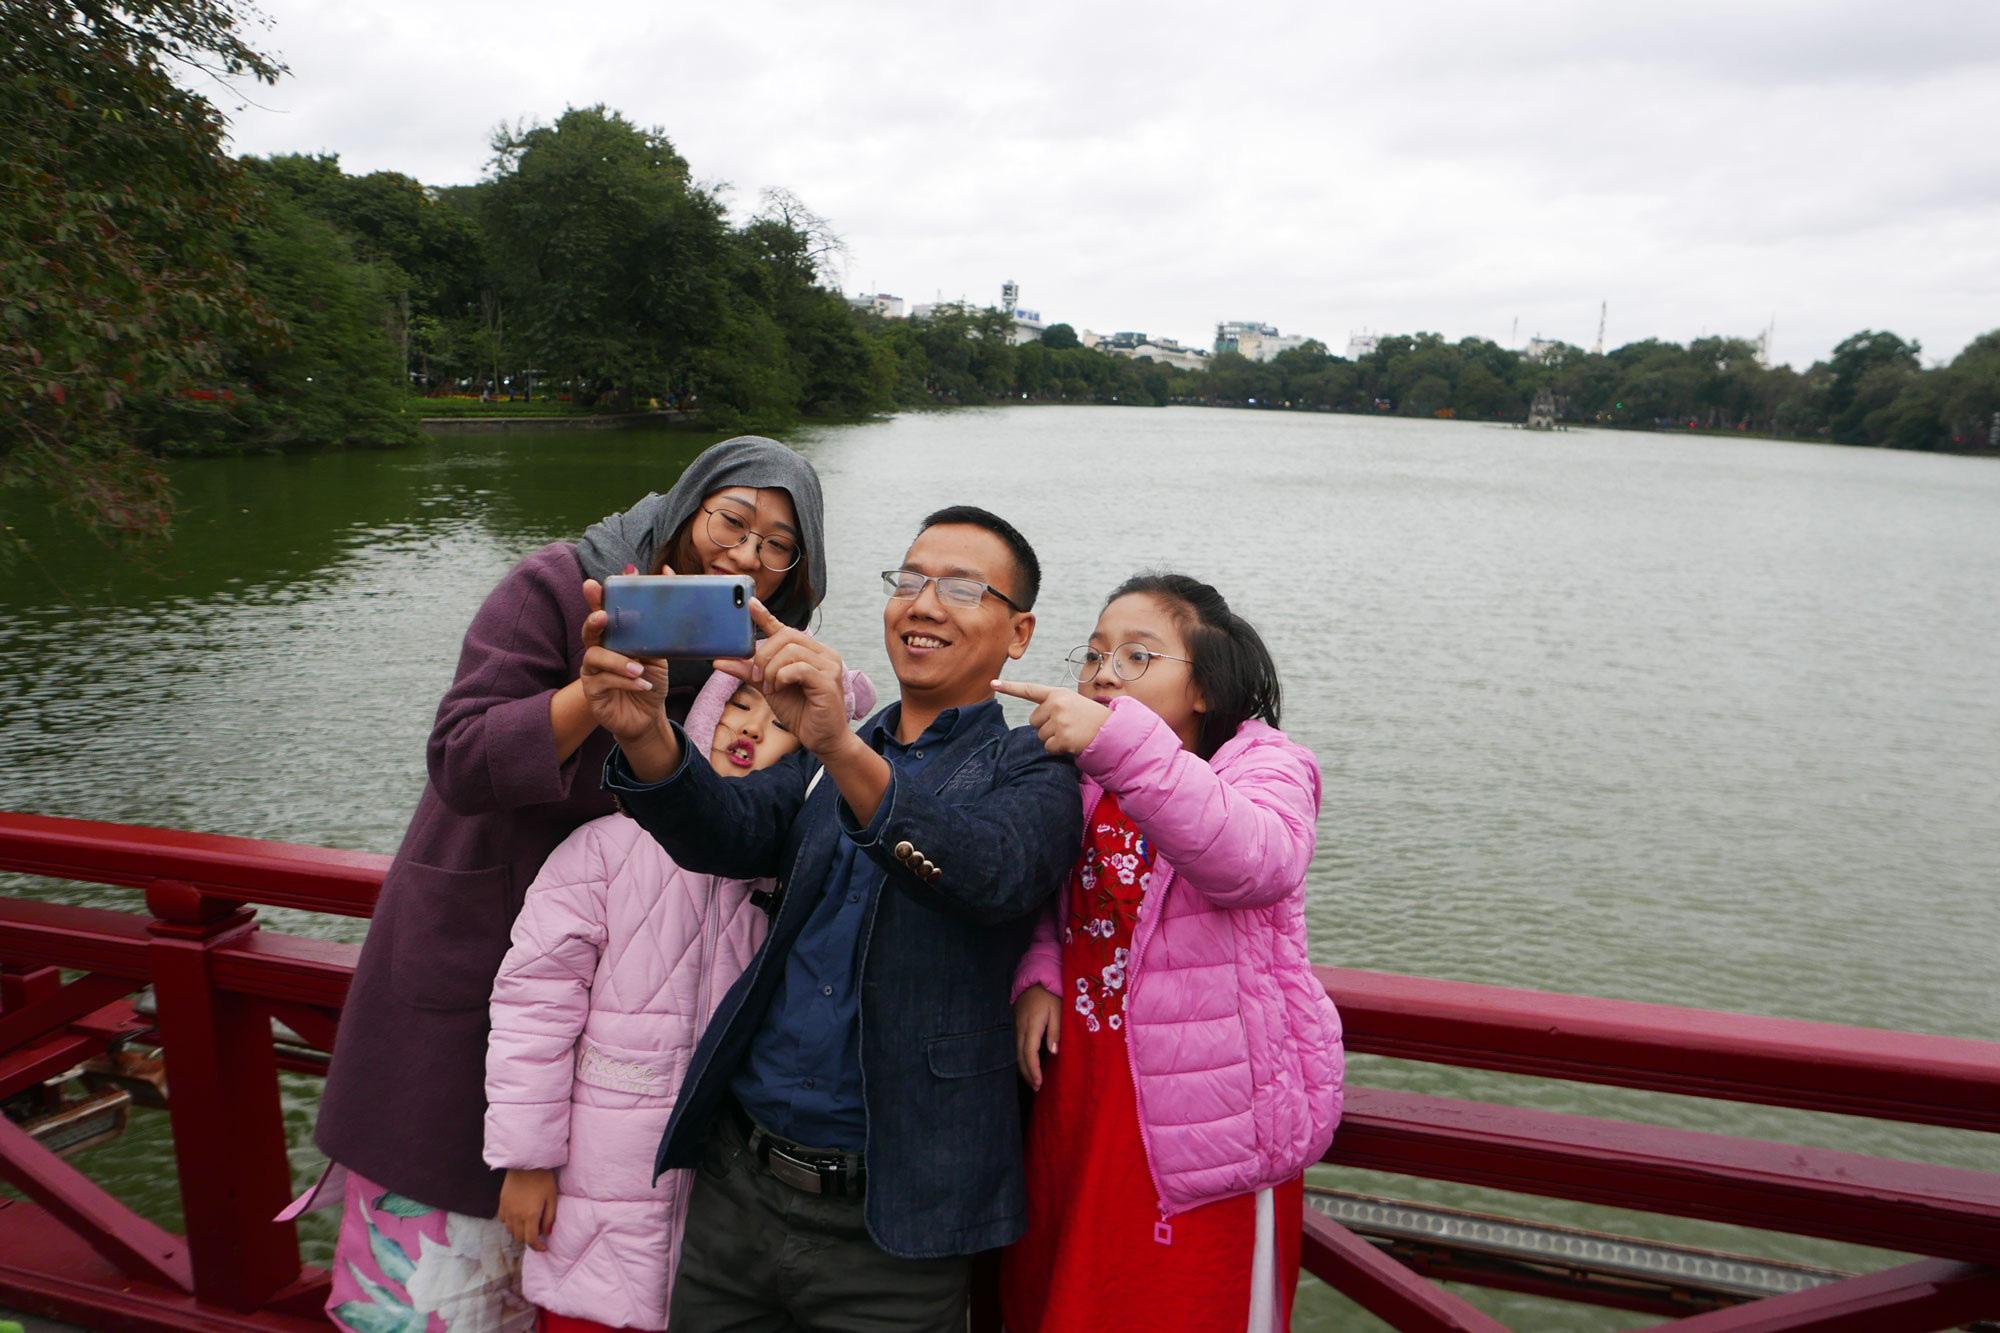 Cảnh lễ đền dưới mưa xuân tuyệt đẹp ở Hà Nội ngày mùng 1 Tết - Ảnh 5.